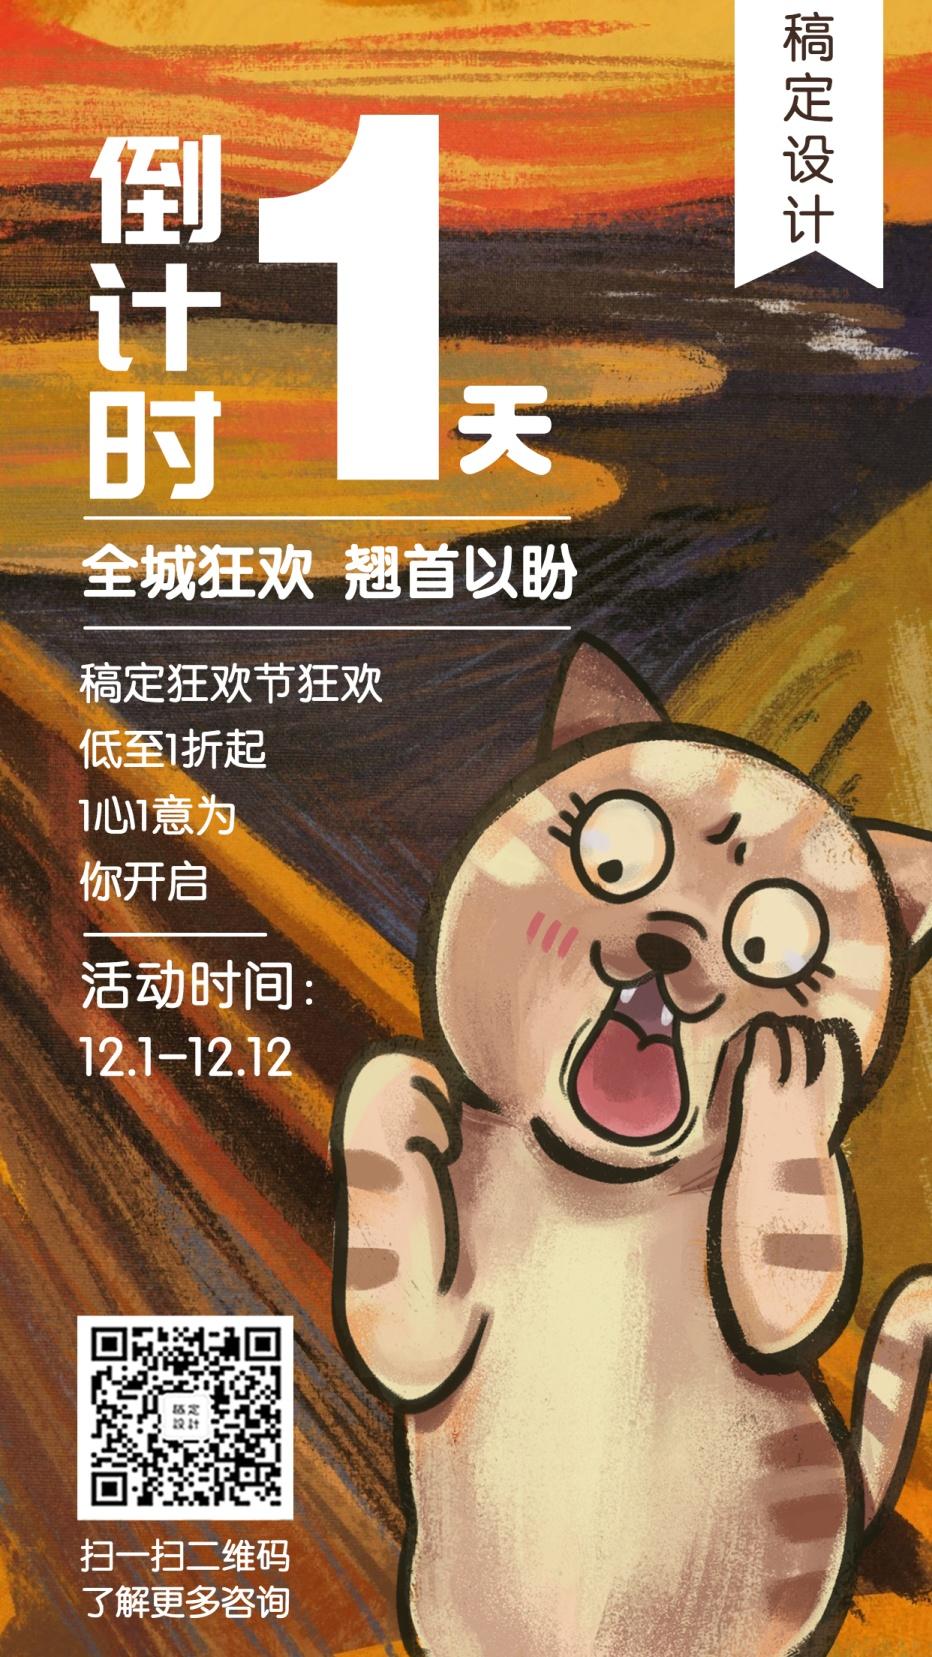 双十二双12活动倒计时卡通手绘创意手机海报